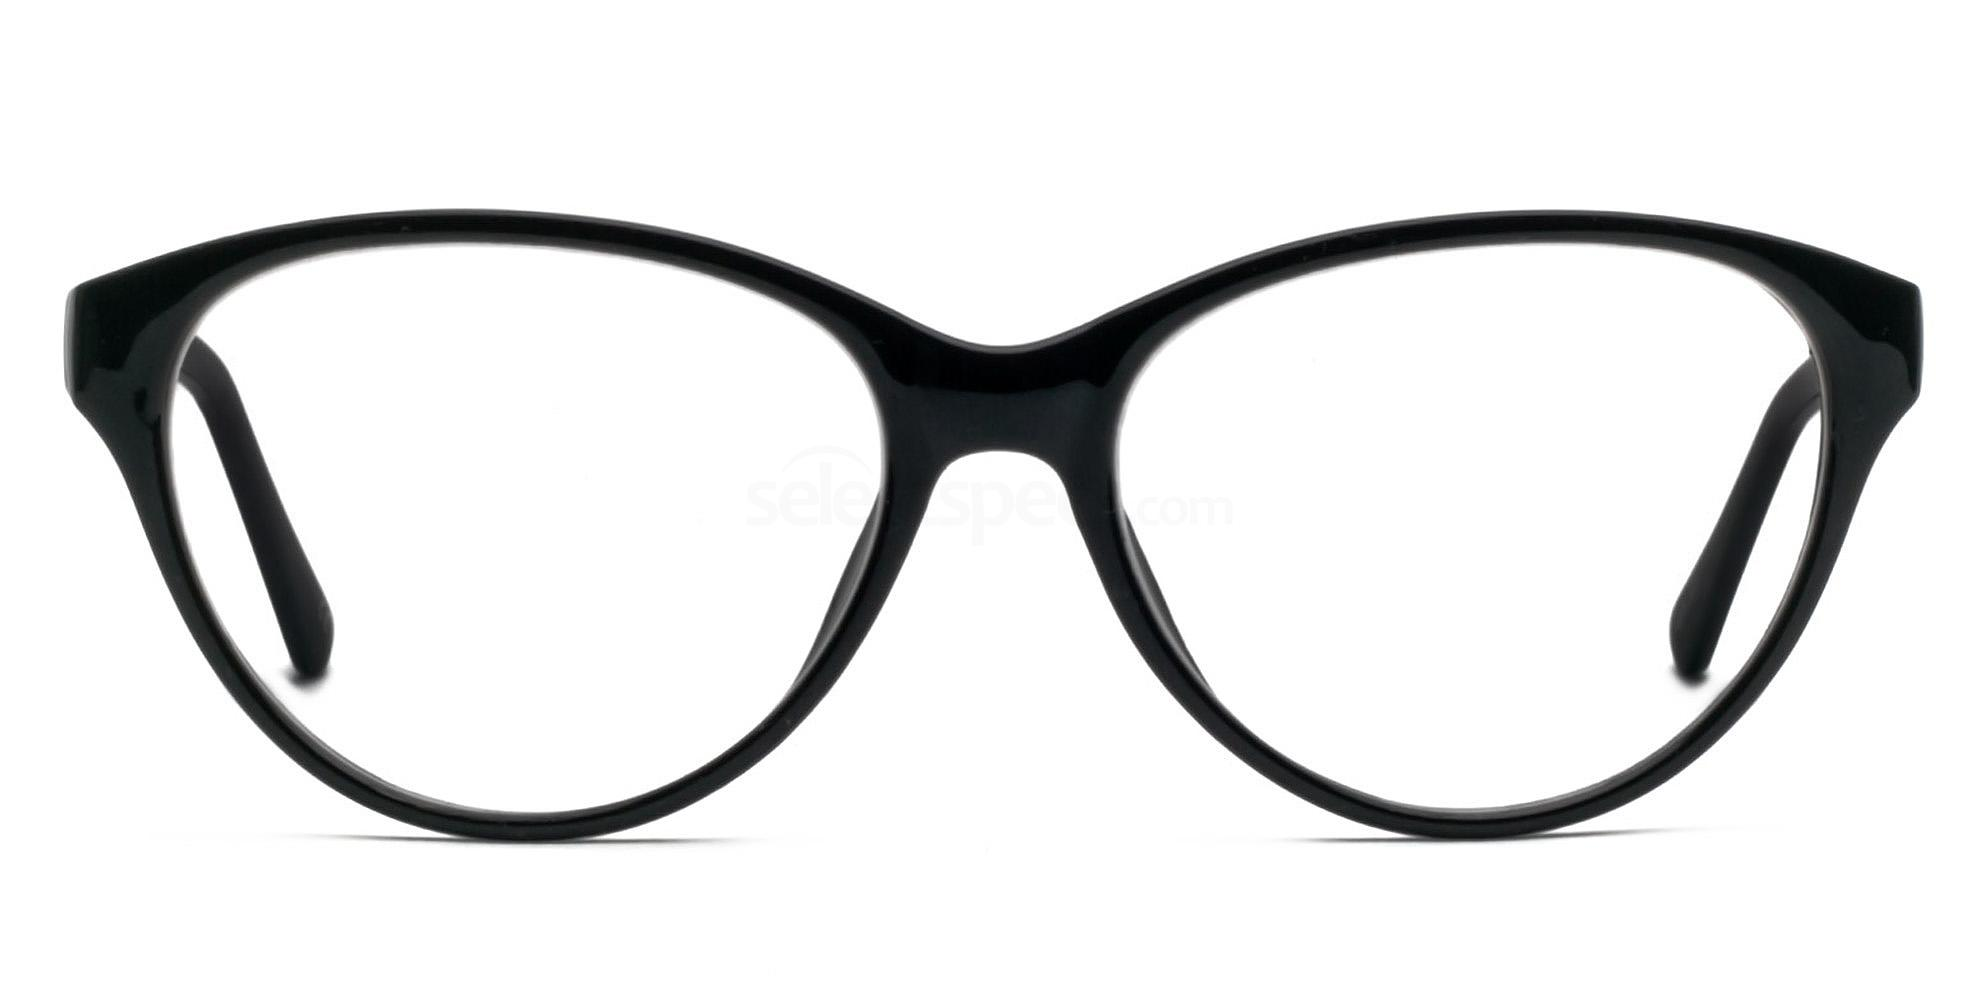 COL 01 2440 Glasses, SelectSpecs